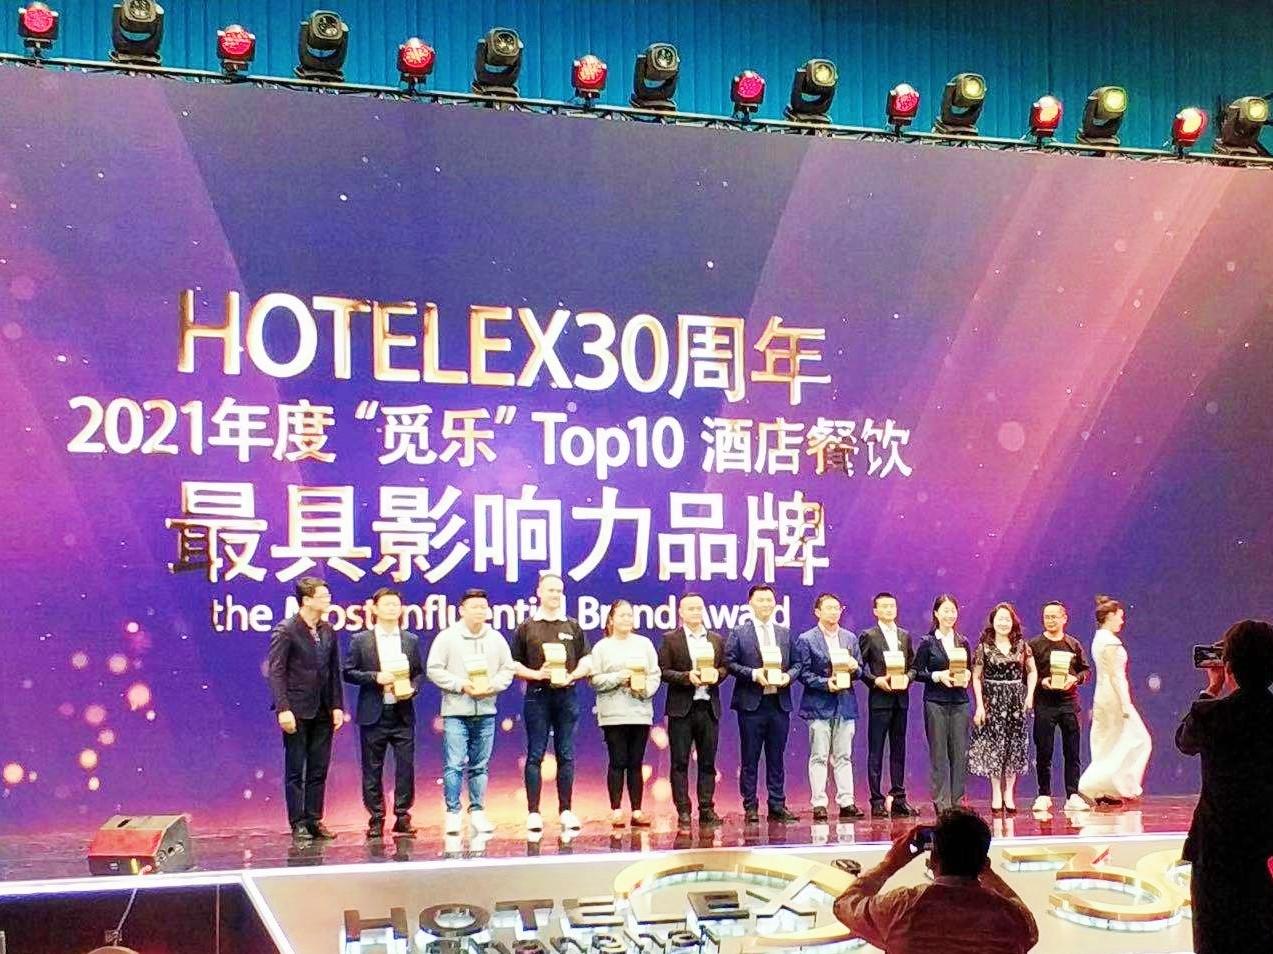 """大昌华嘉荣获2021年度""""觅乐""""Top 10酒店餐饮最具影响力品牌奖"""